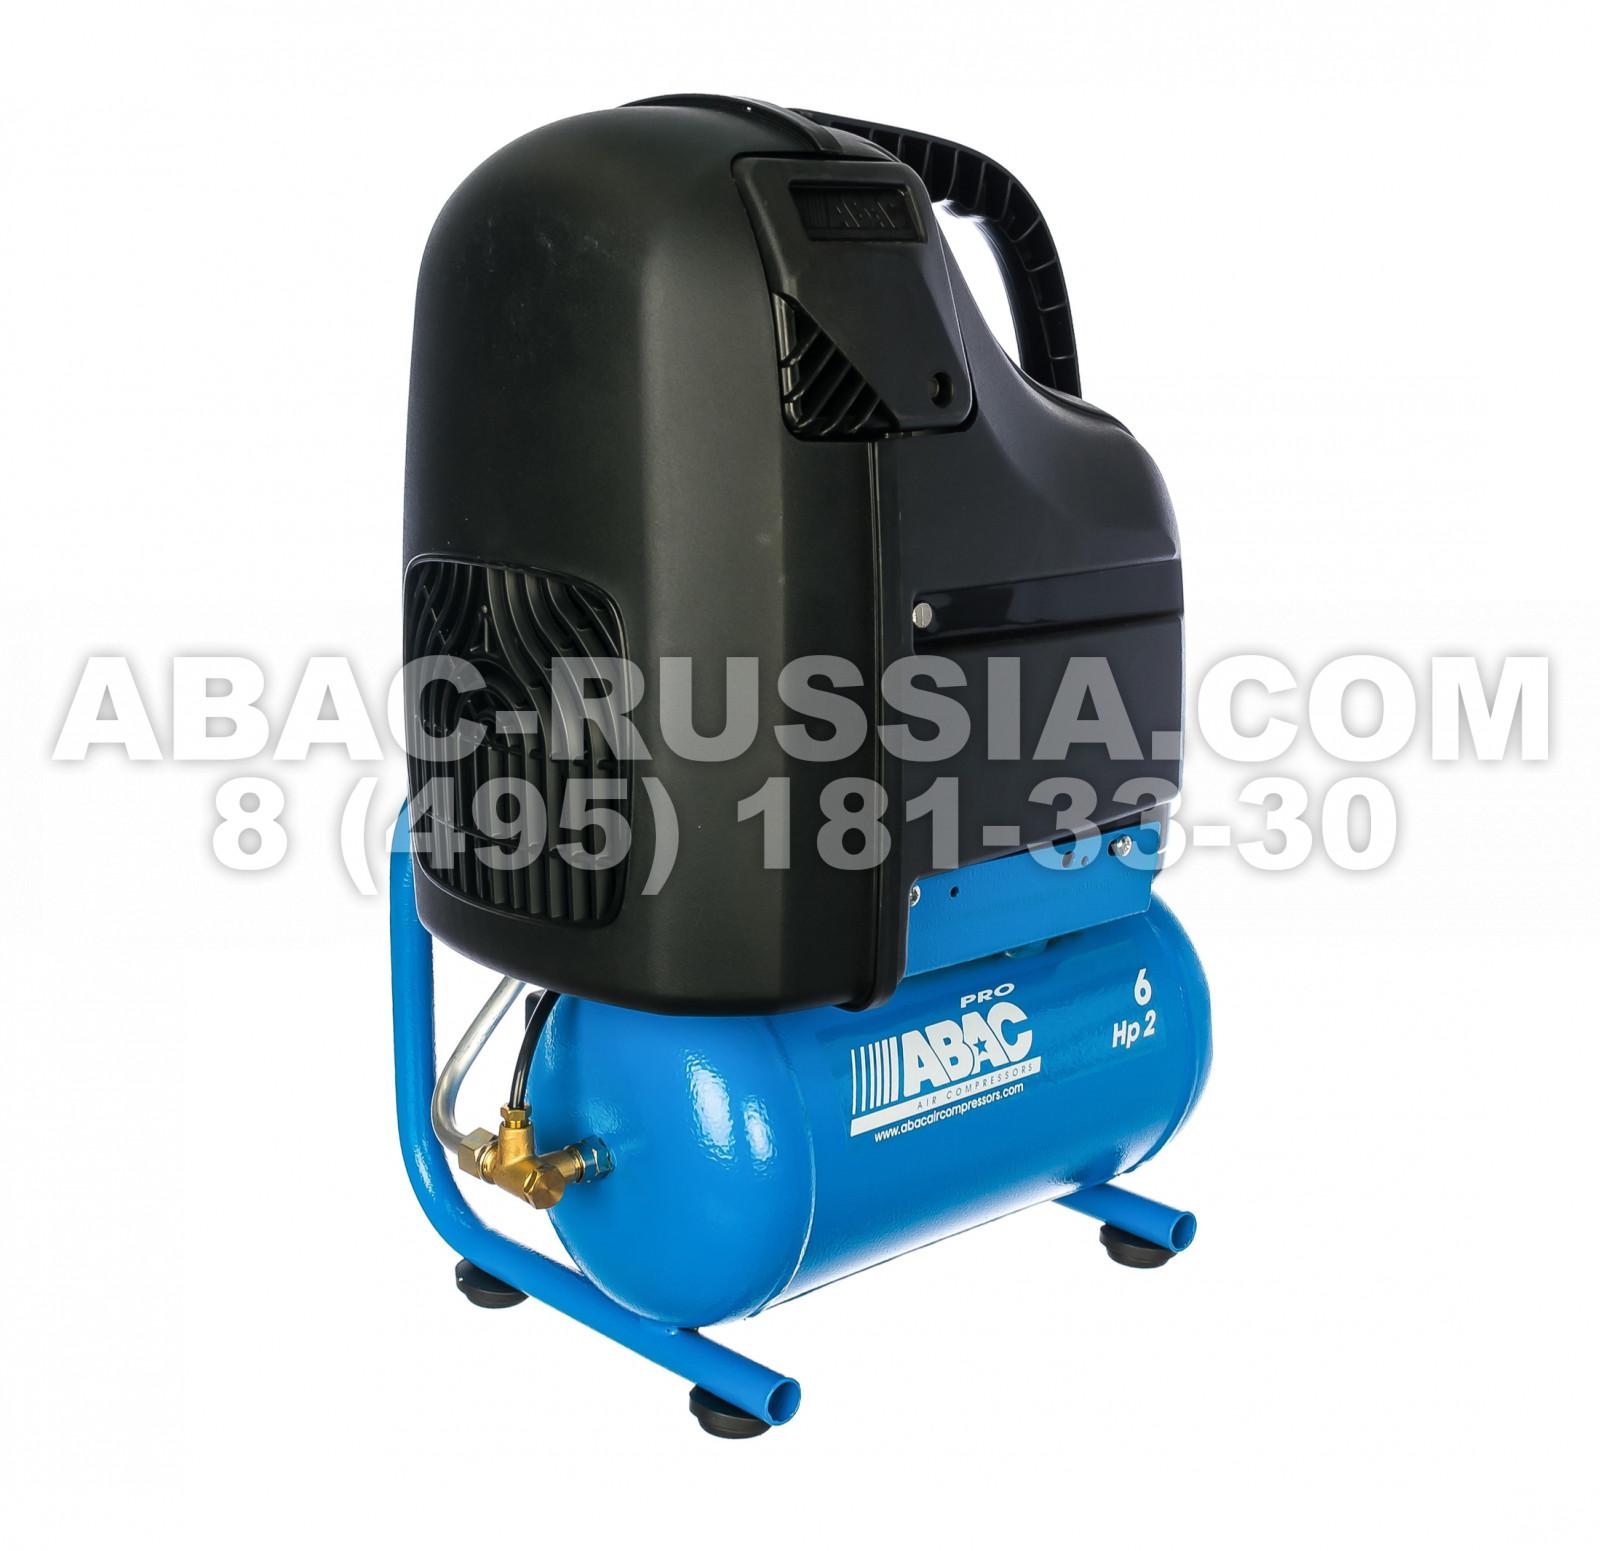 Поршневой компрессор ABAC Start O20P 1121020388